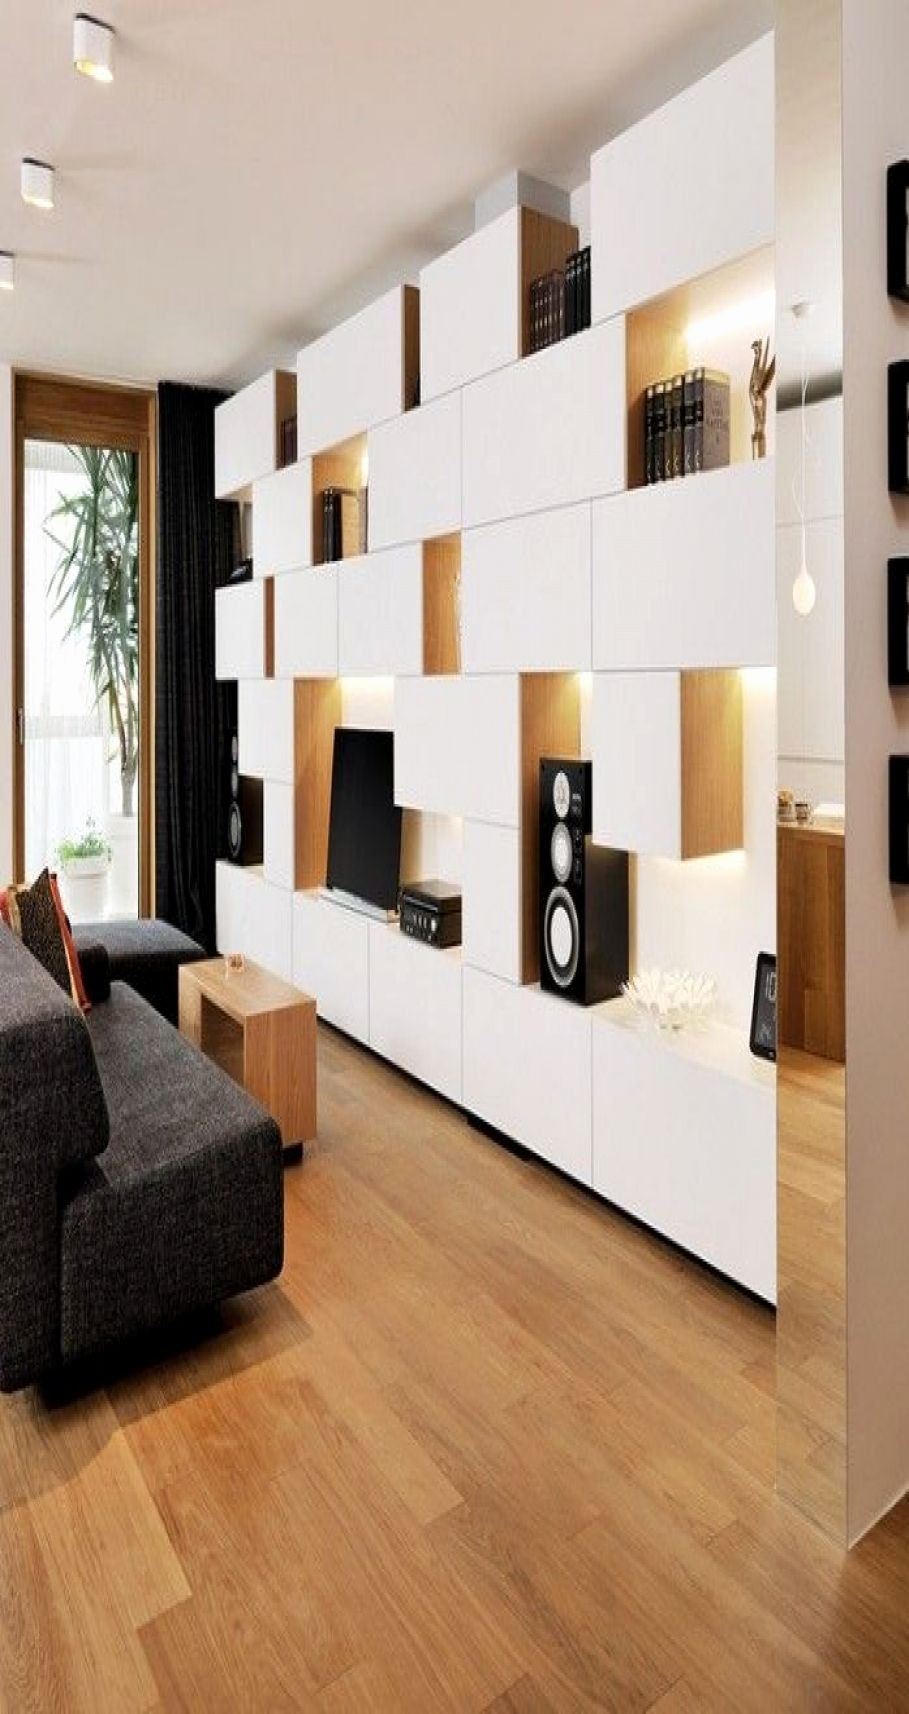 Pin Von Balbina Auf Salon Inneneinrichtung Apartments